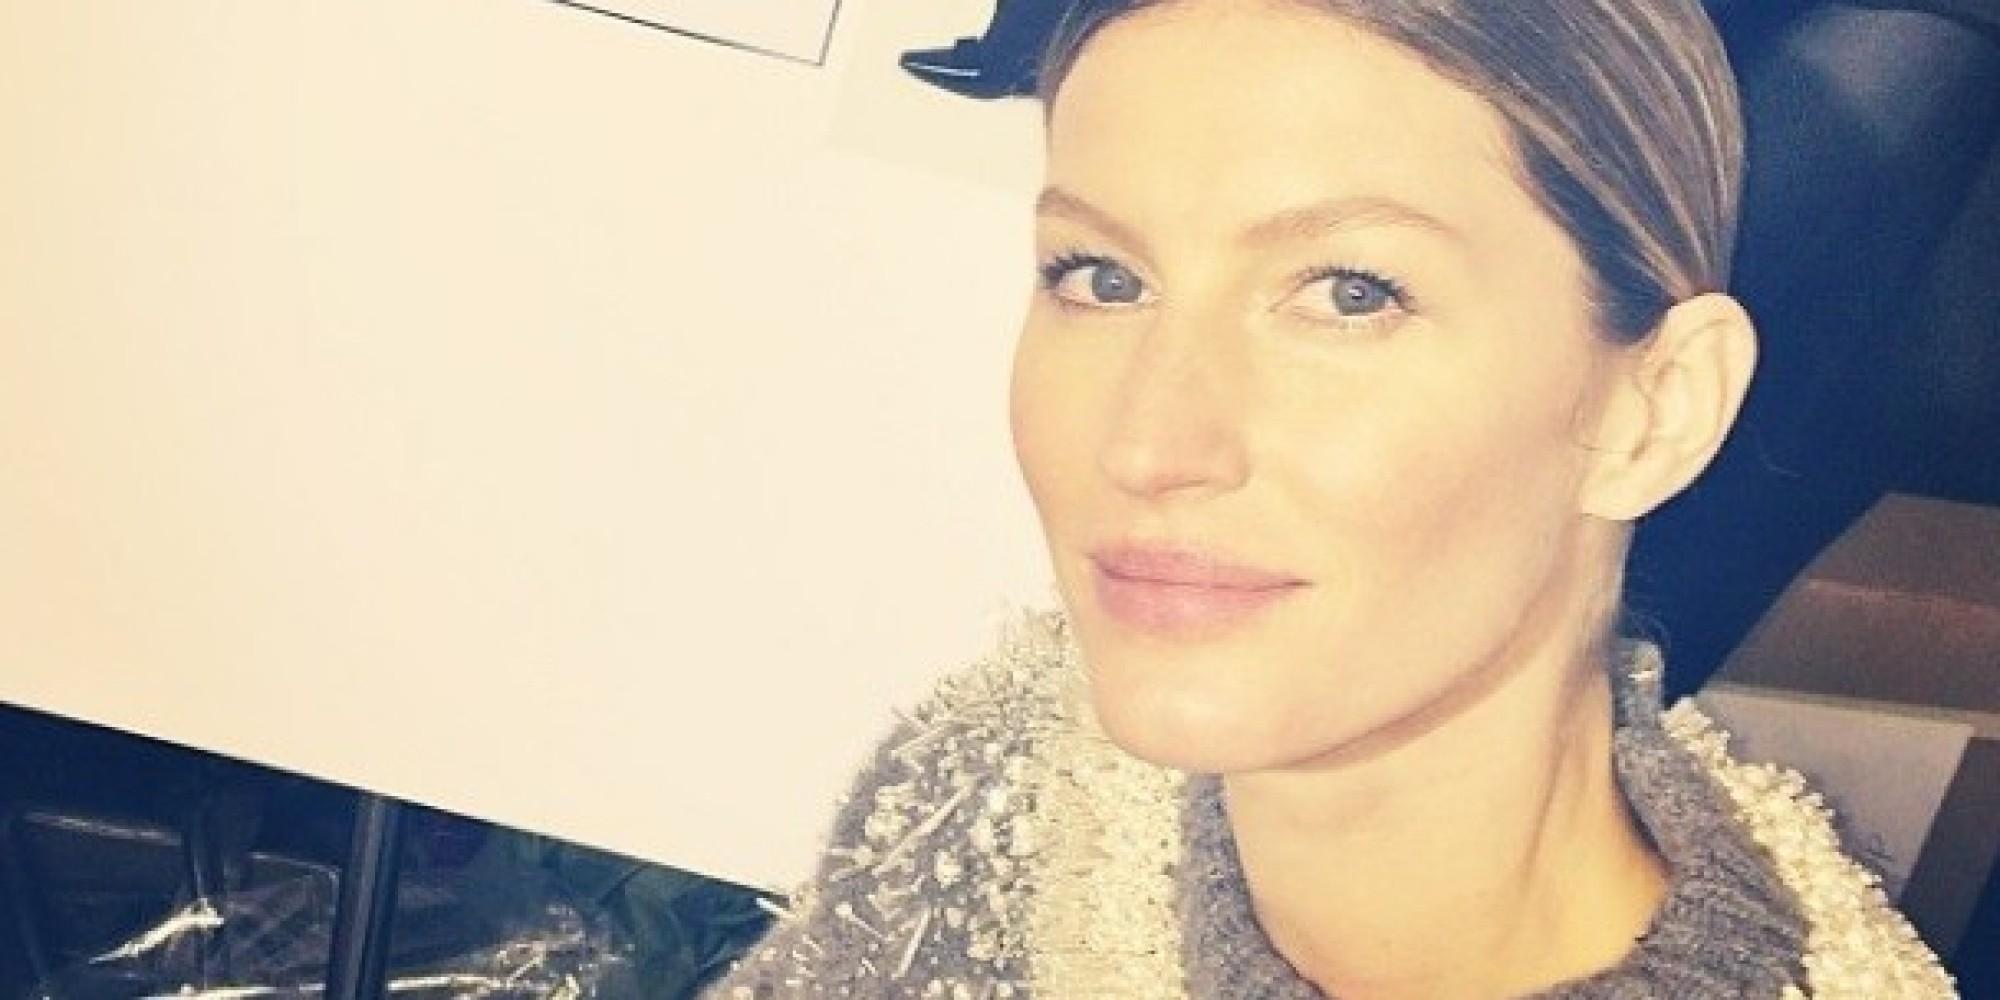 Gisele Bundchen Walks Balenciaga Show In Paris Gisele Bundchen Facebook